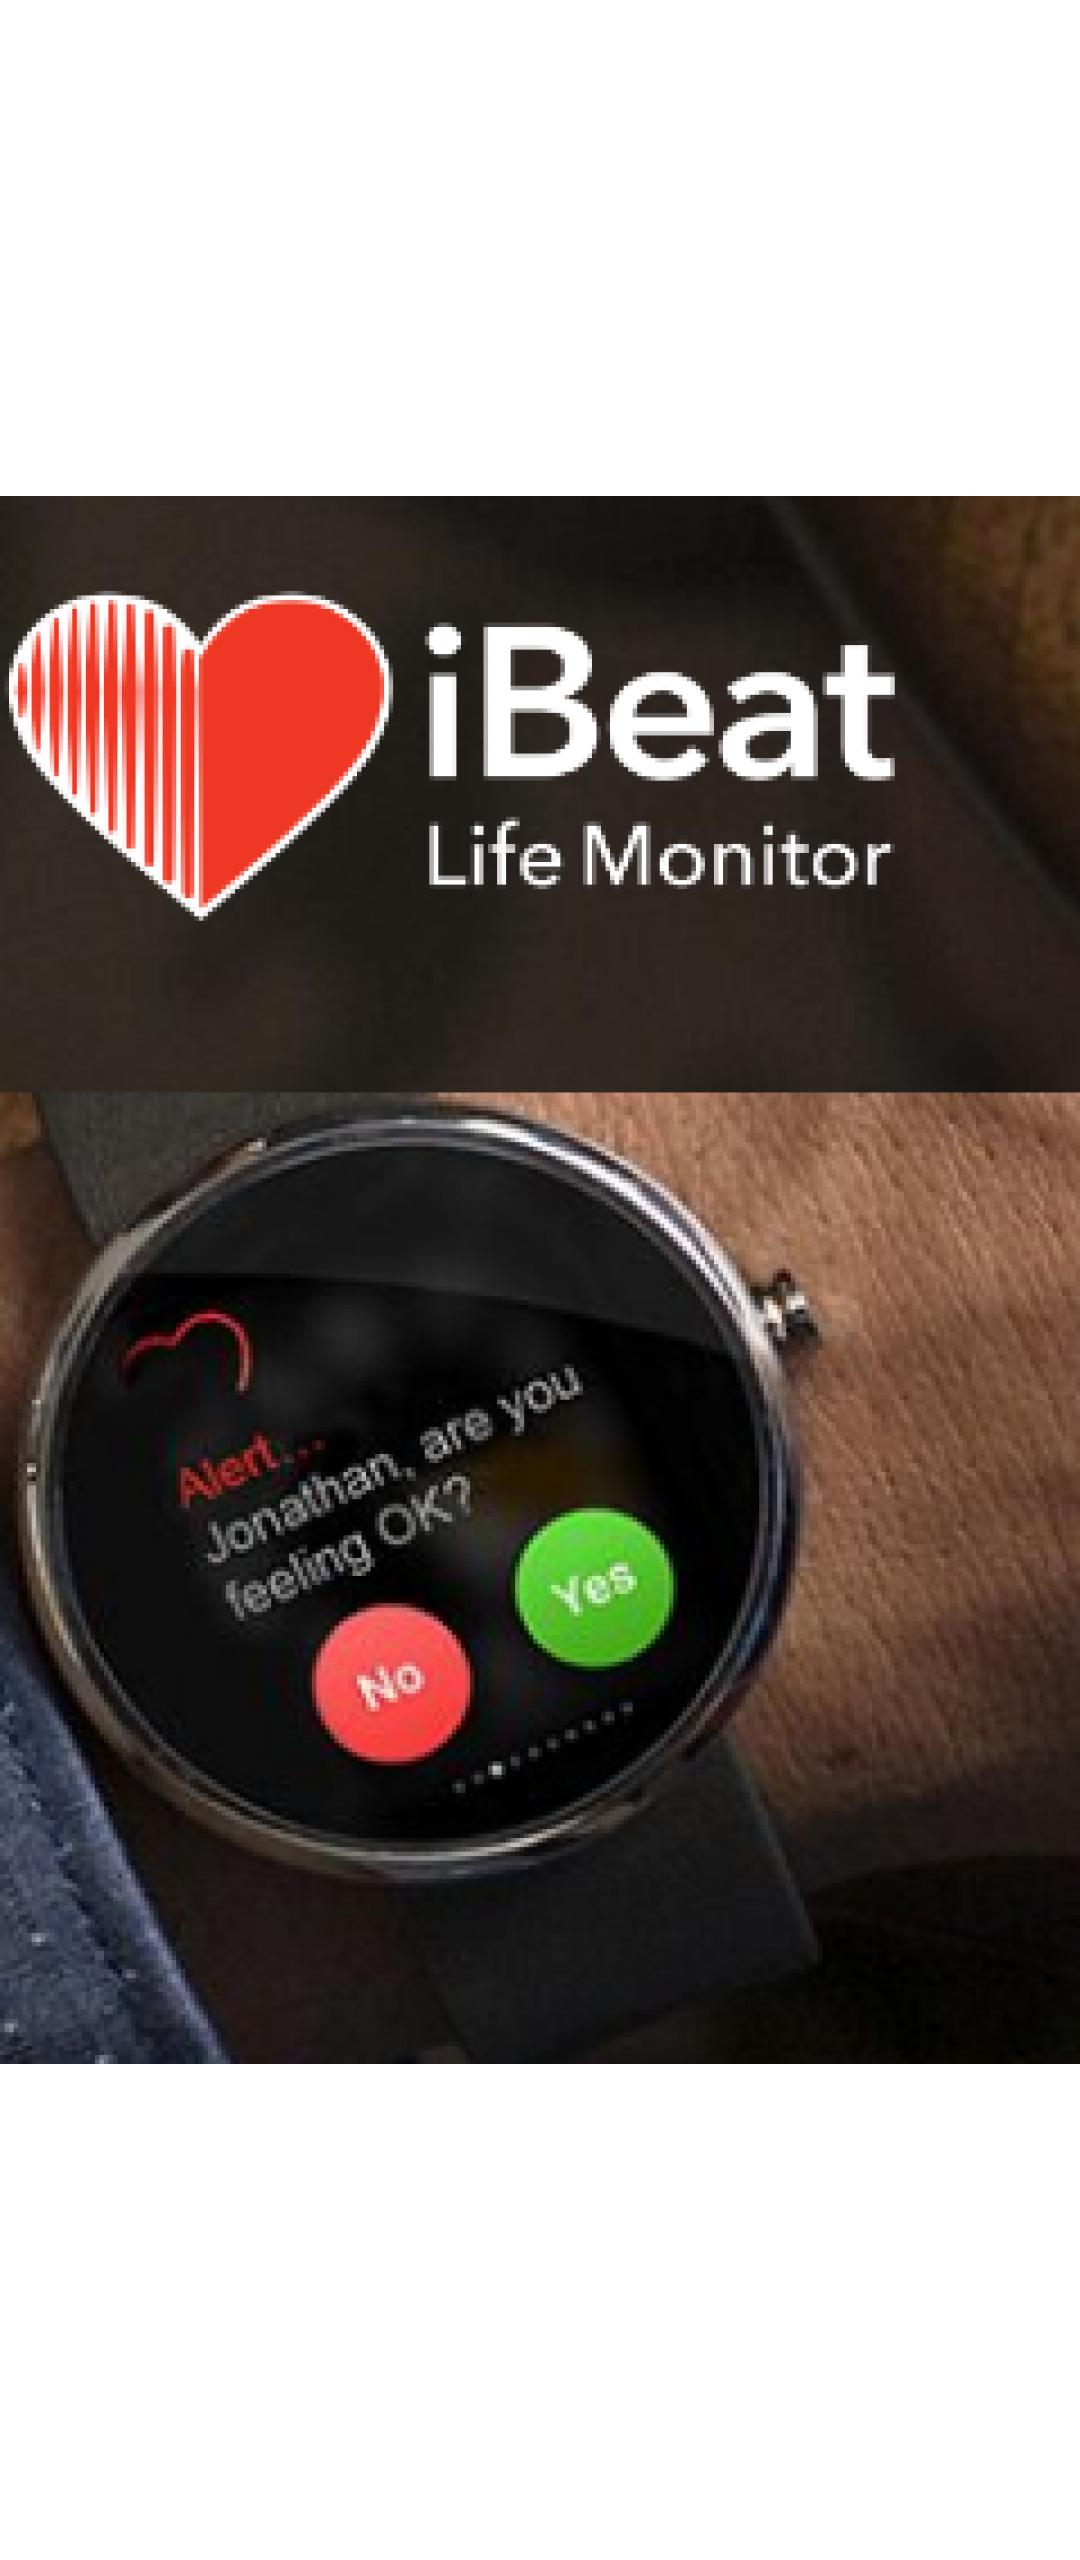 Este smartwatch que monitorea la actividad cardíaca podría salvarte la vida